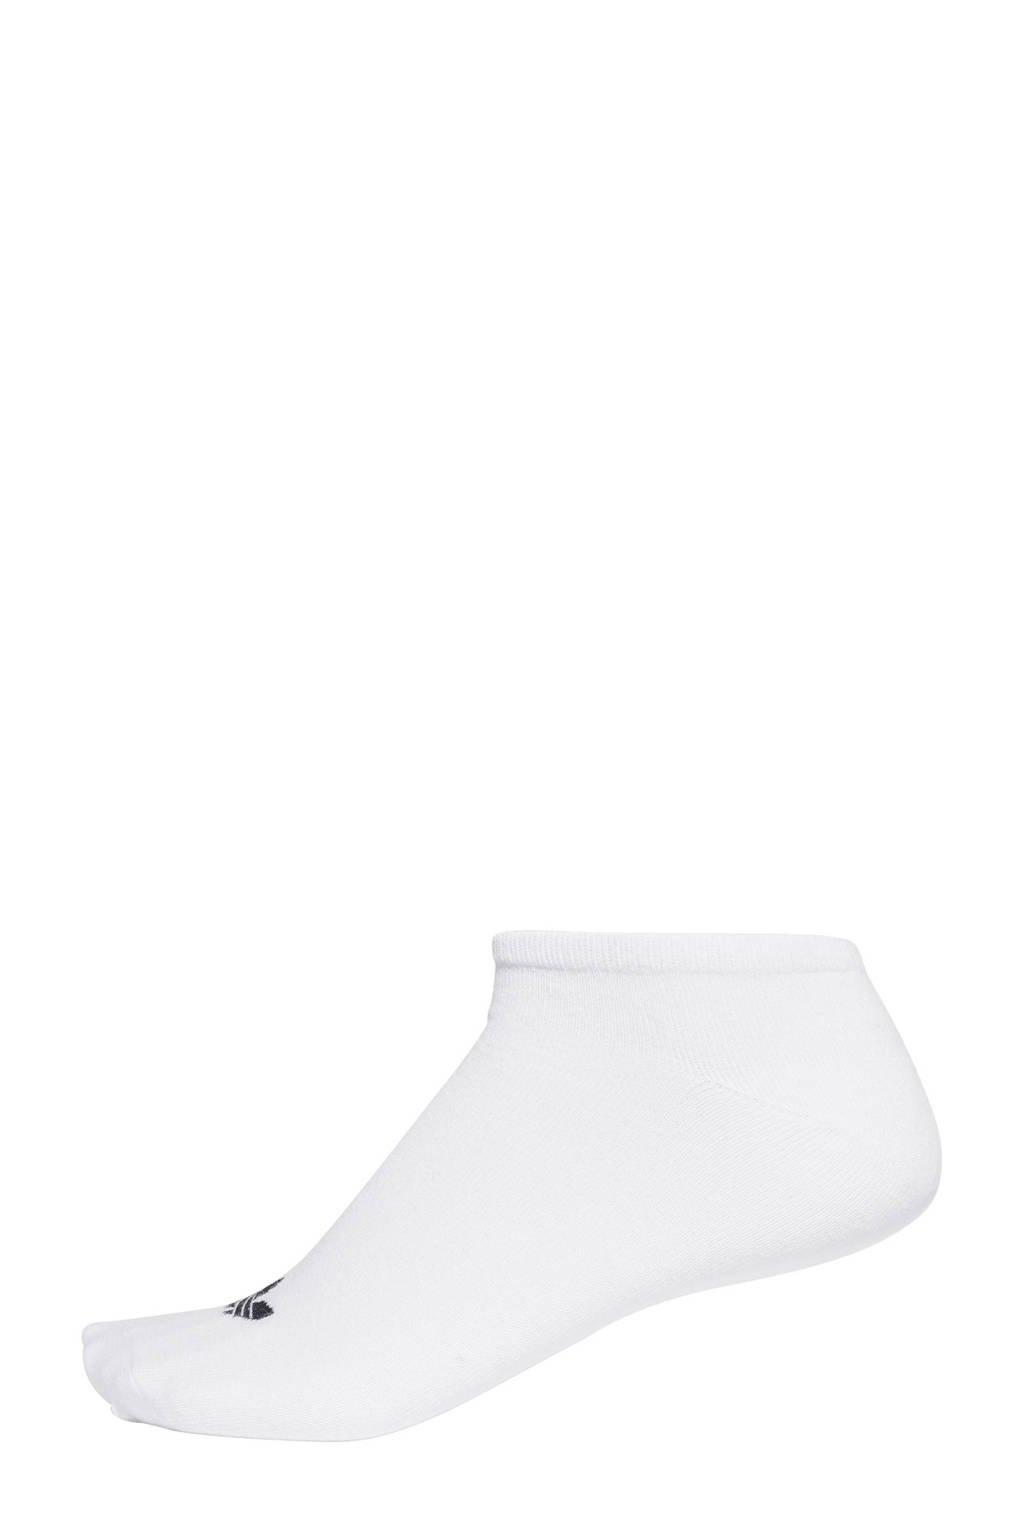 adidas Originals sneakersokken - set van 3 wit, wit/ zwart